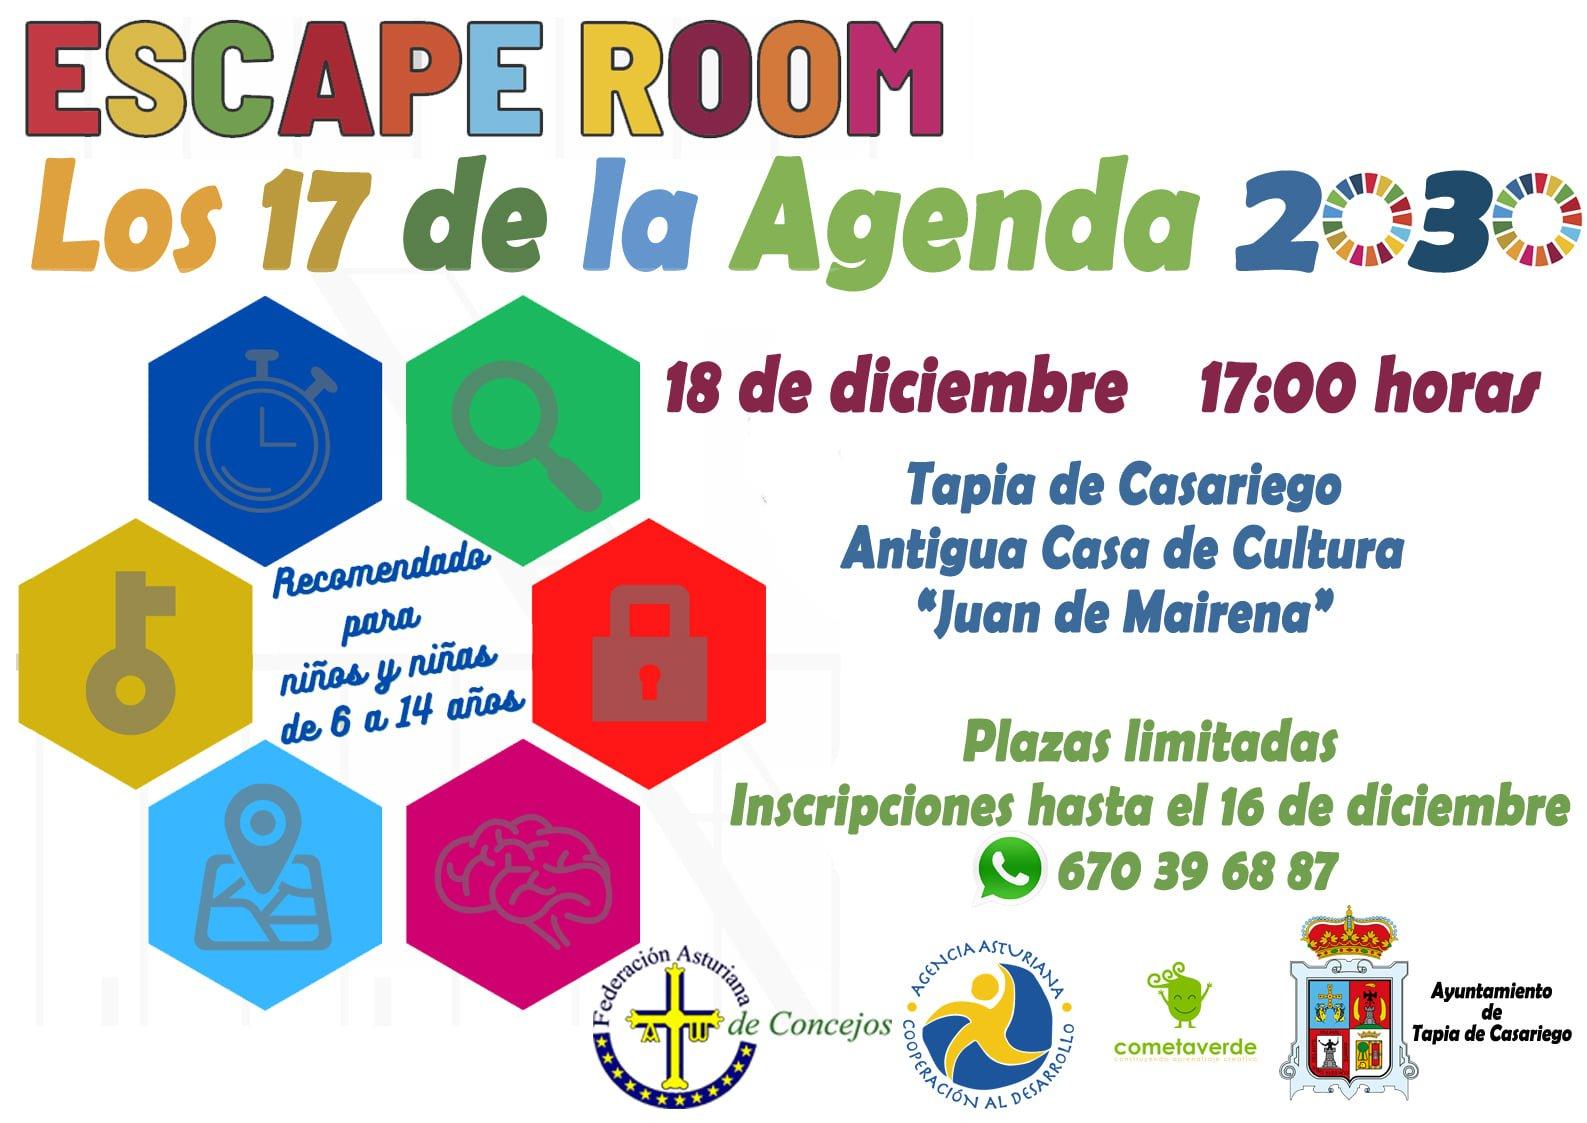 Escape Room sobre la Agenda 2030 en Tapia de Casariego